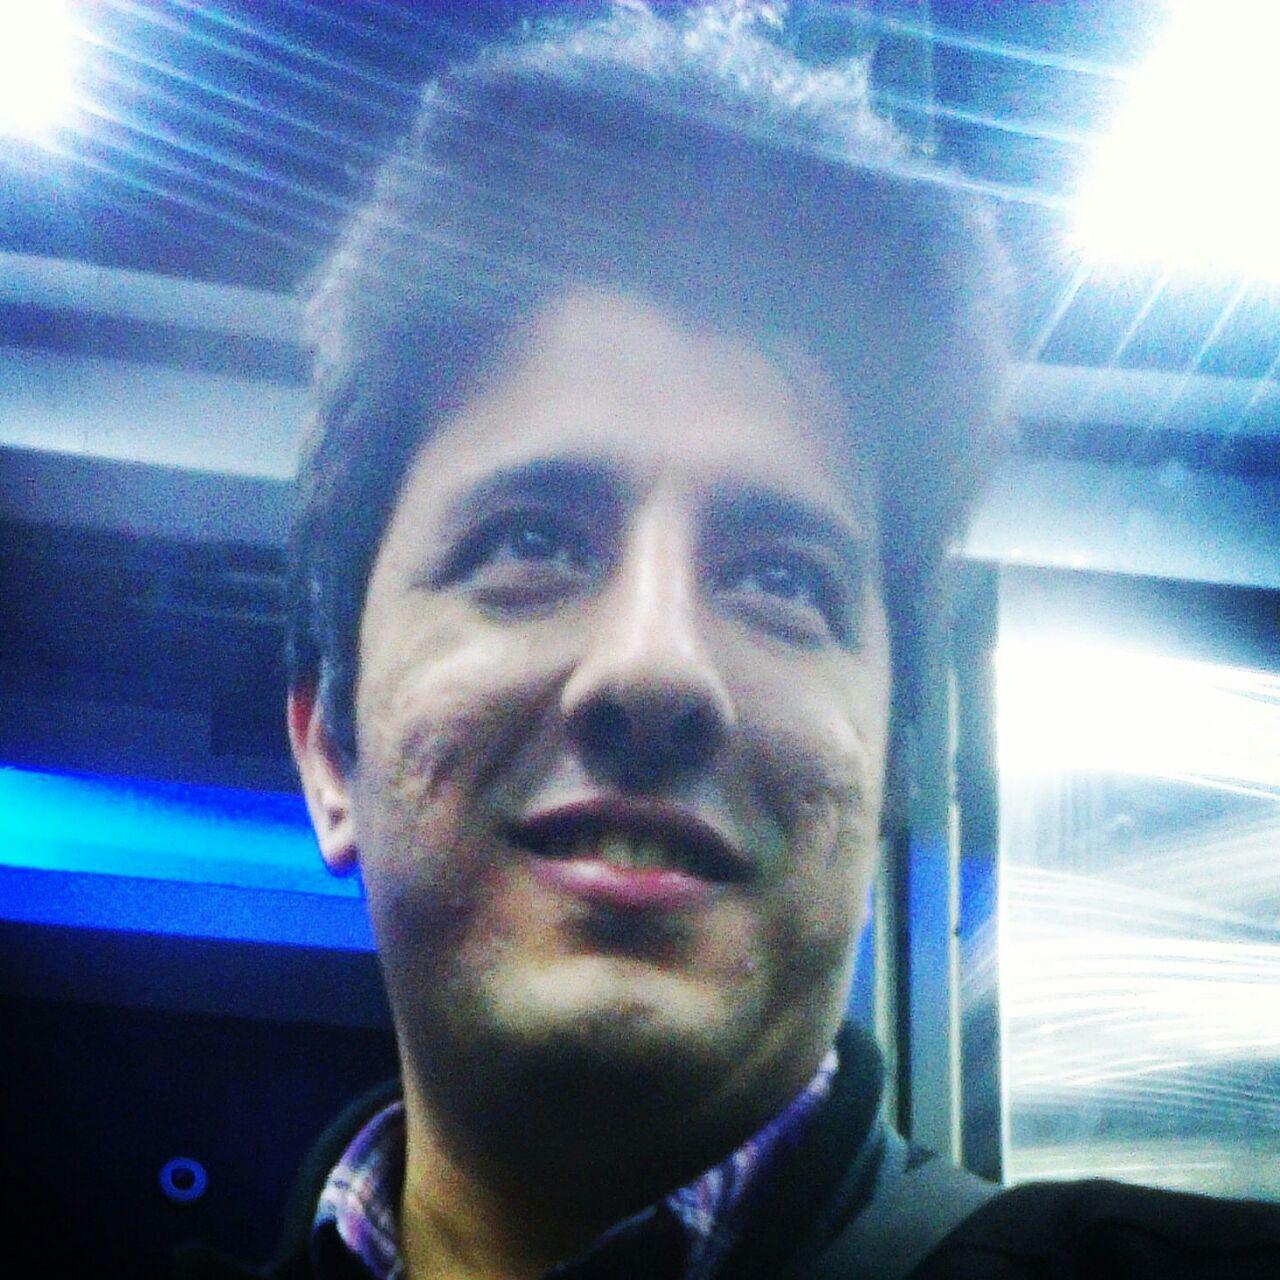 حسام حسن زاده